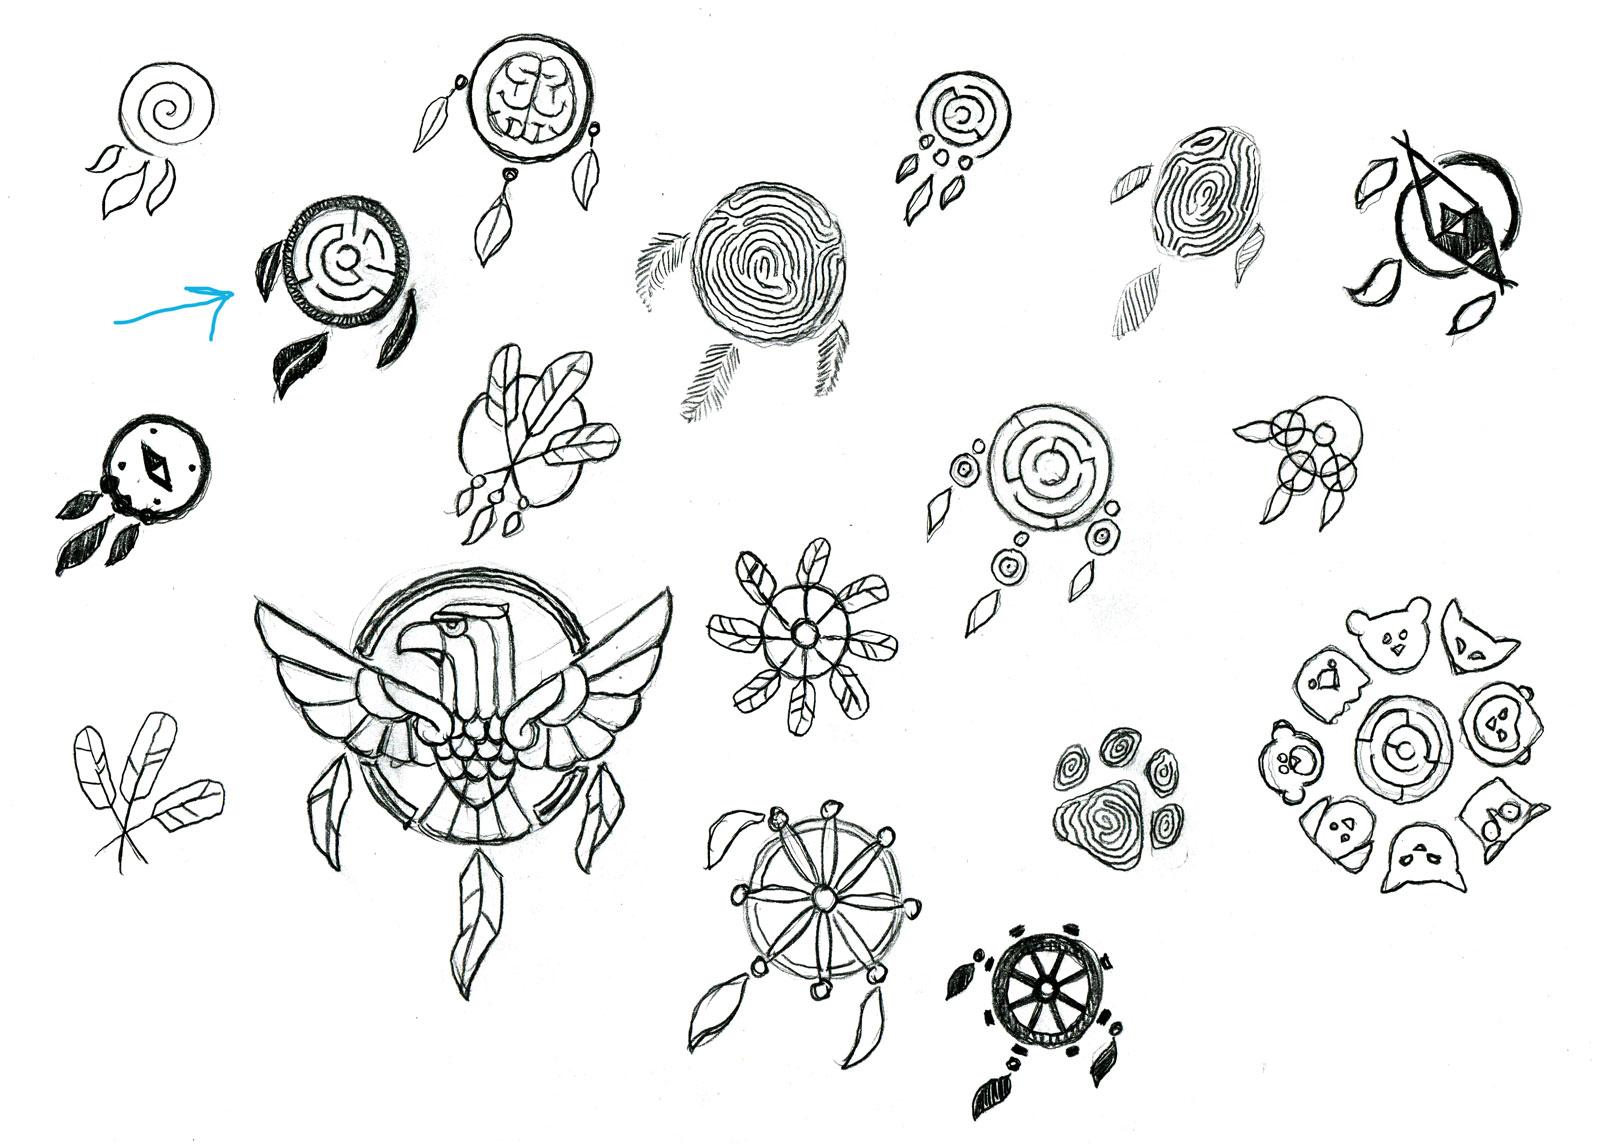 logo_sketches-concepts